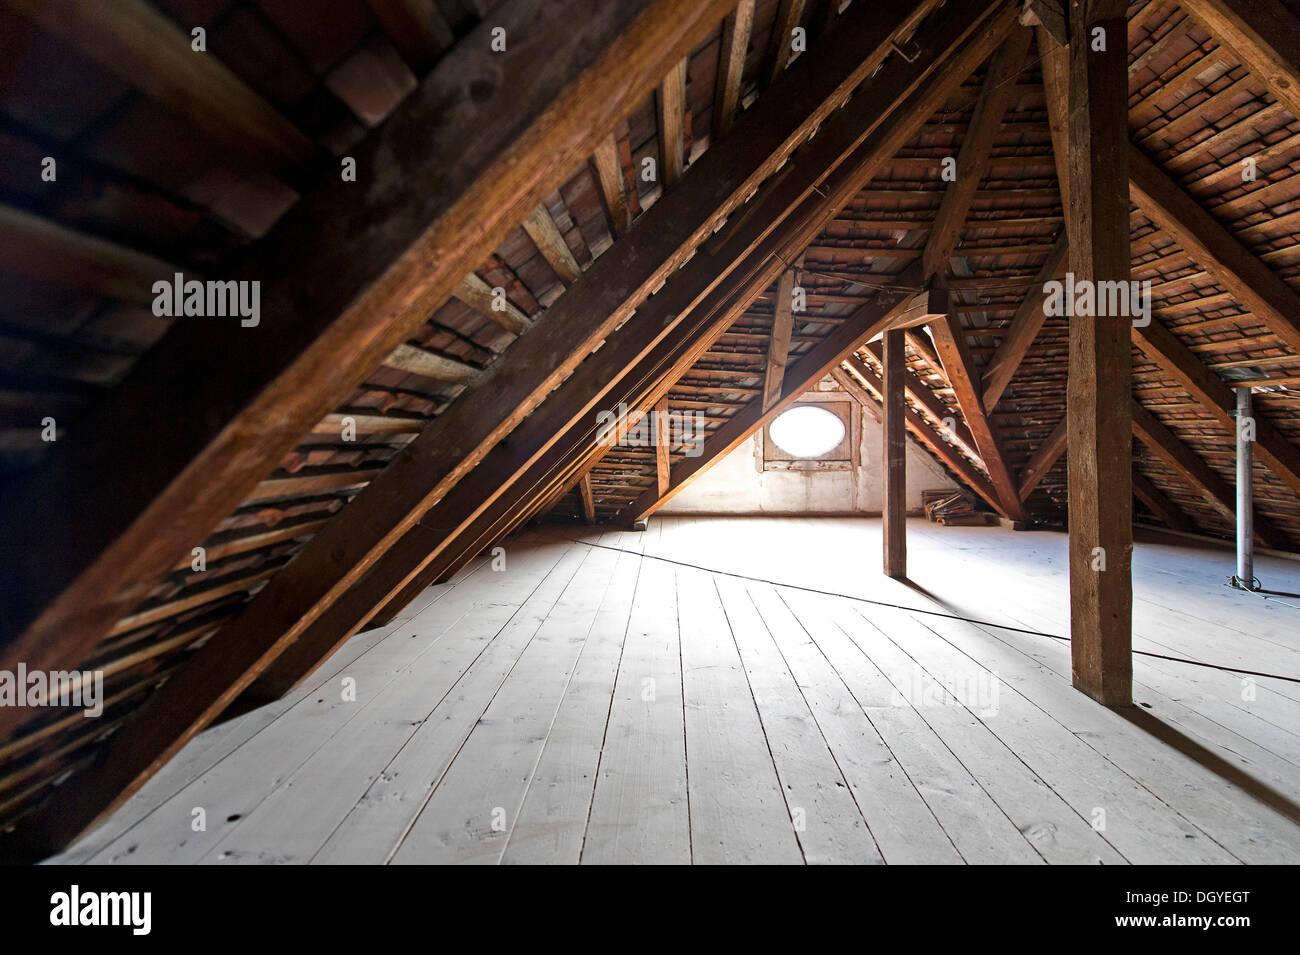 Vigas de madera, techo de madera, el ático de un edificio antiguo, Stuttgart, Baden-Wurtemberg Foto de stock